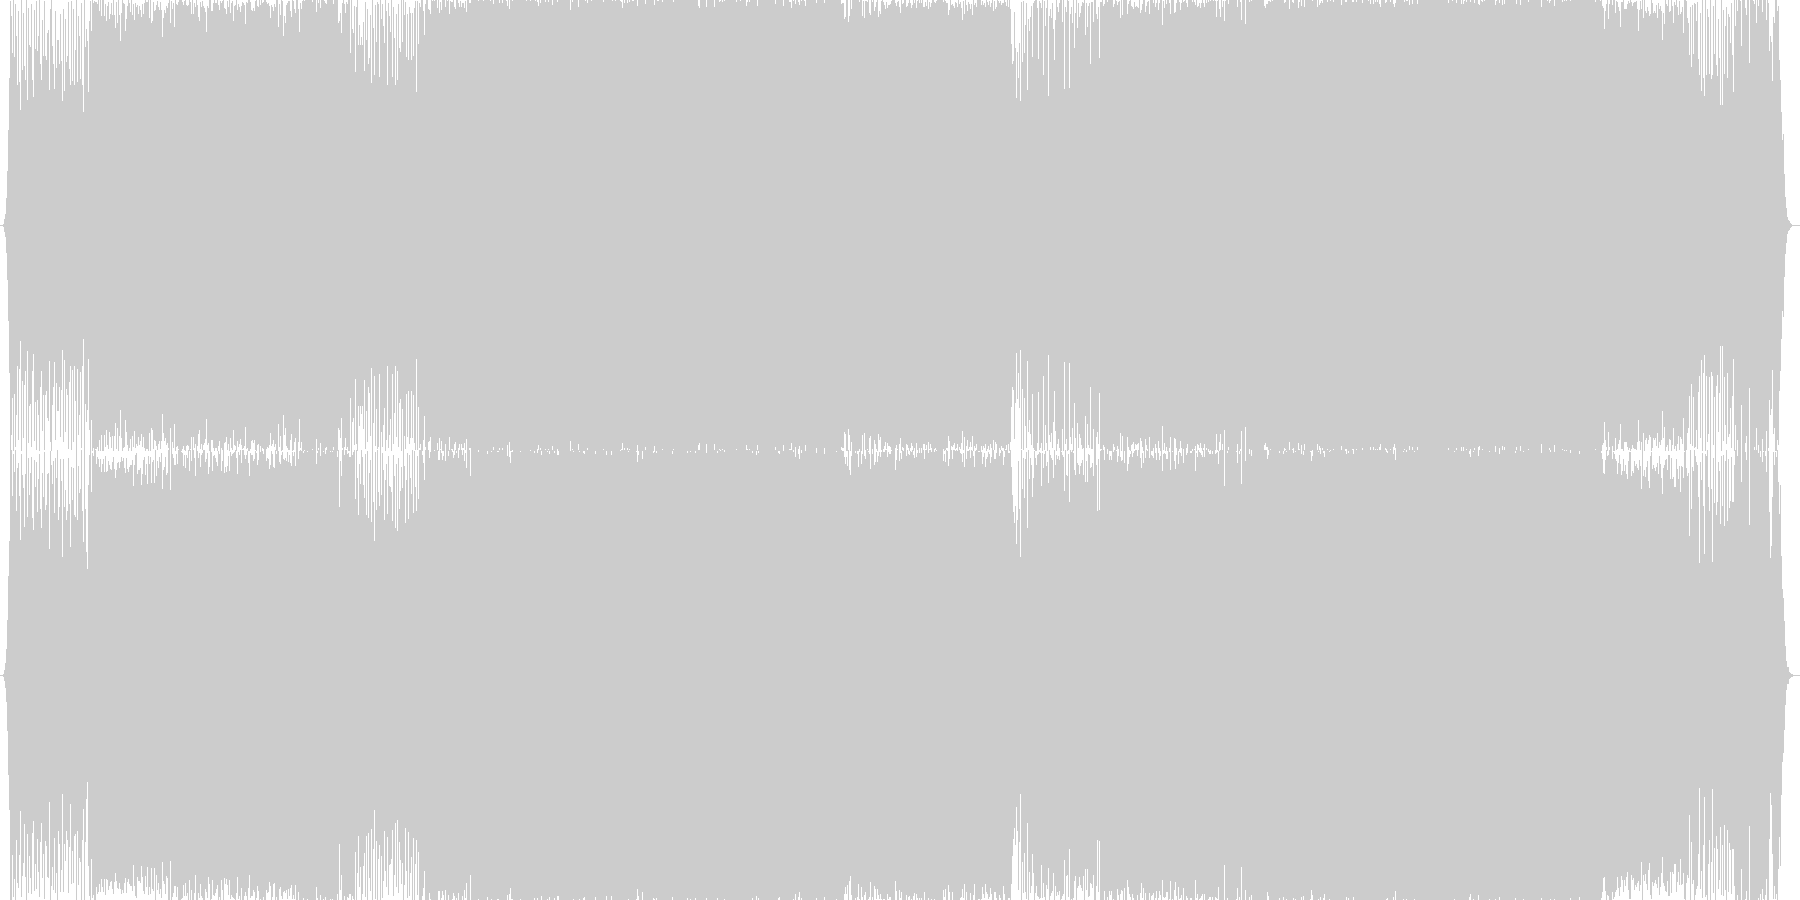 インスト曲の未再生の波形